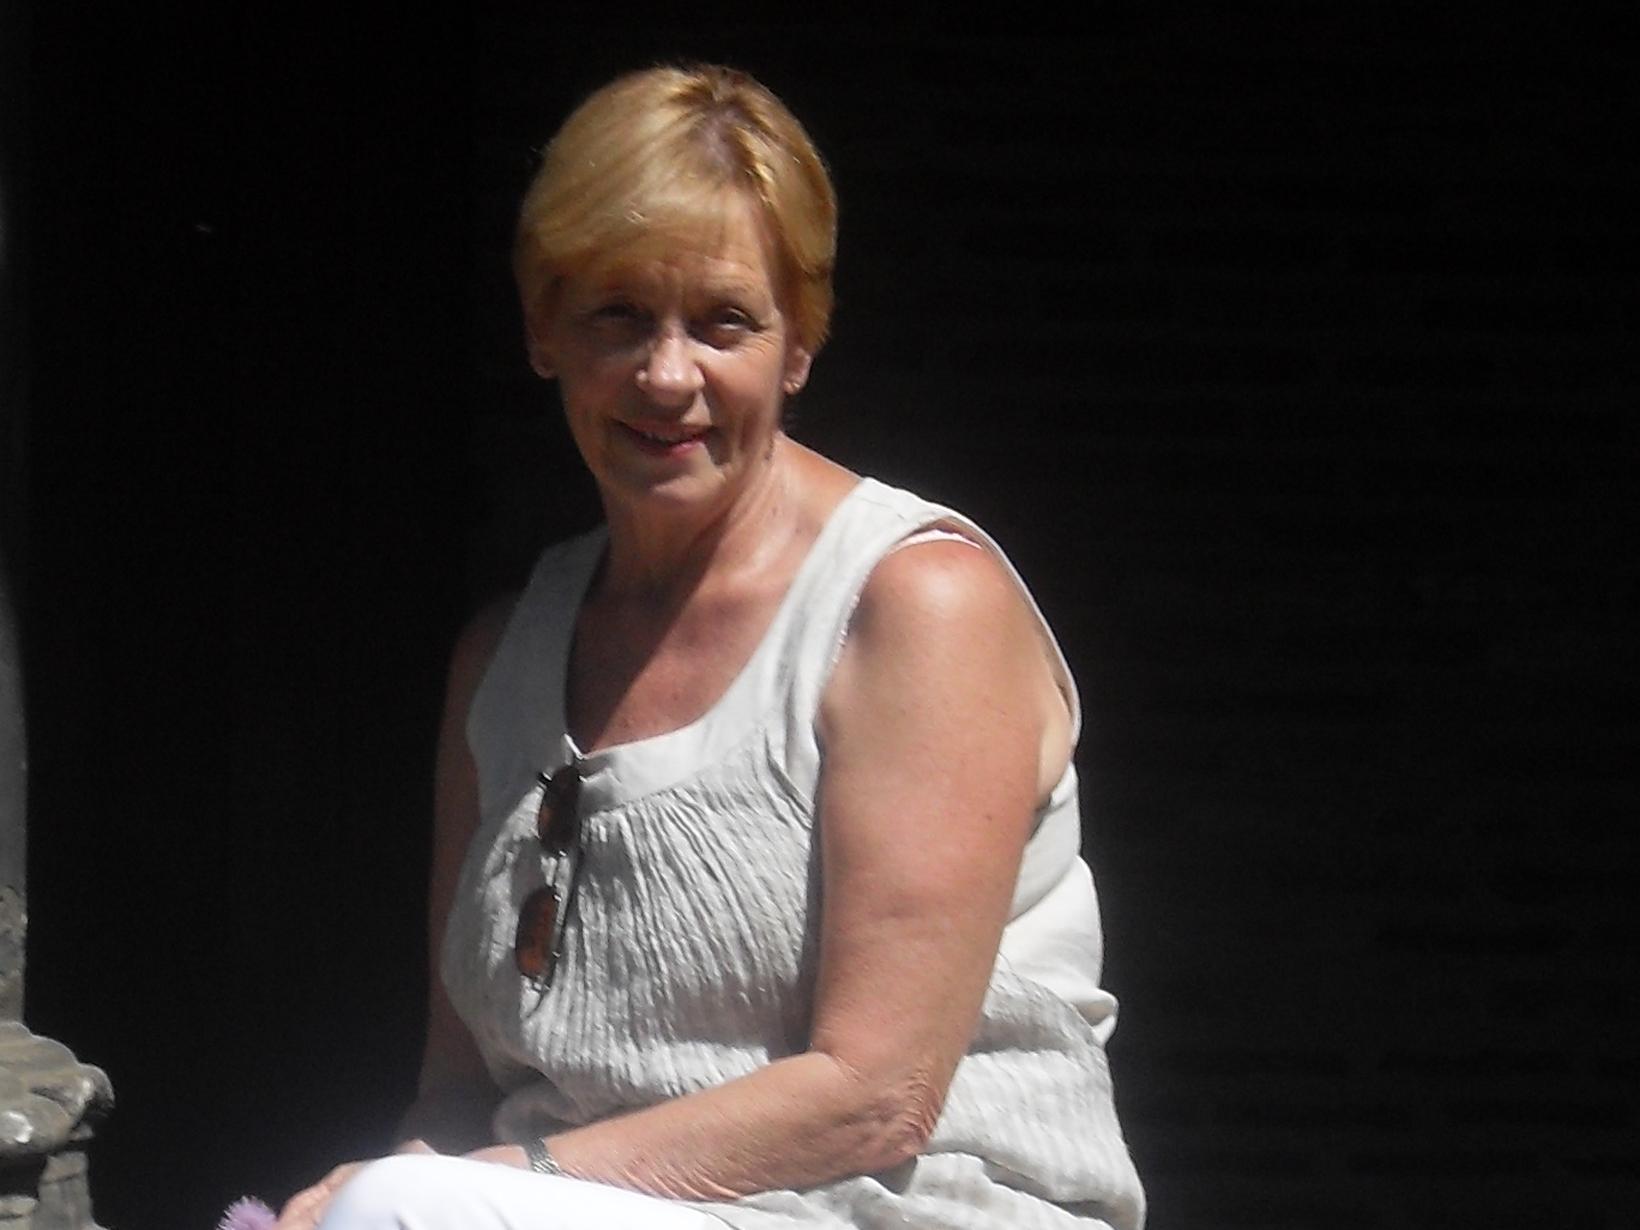 Heather from Buderim, Queensland, Australia